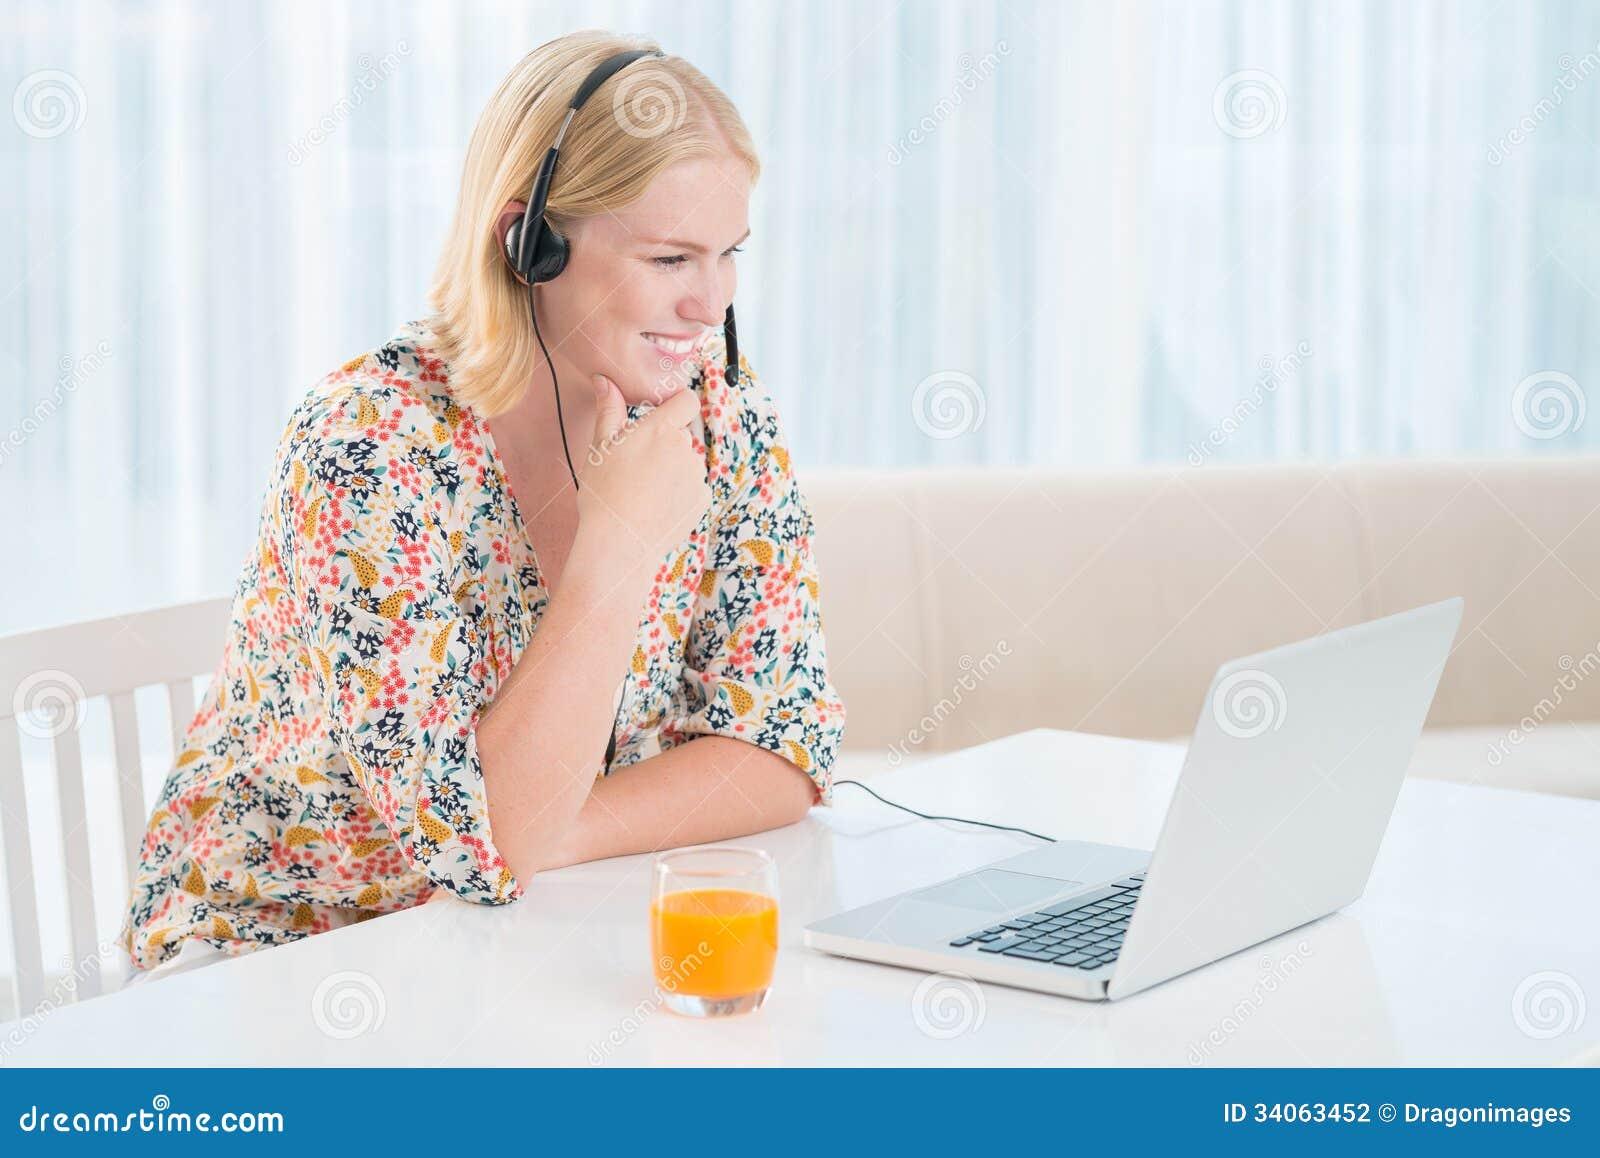 Работа в скайпе на дому для девушек пенза работа без опыта для девушки